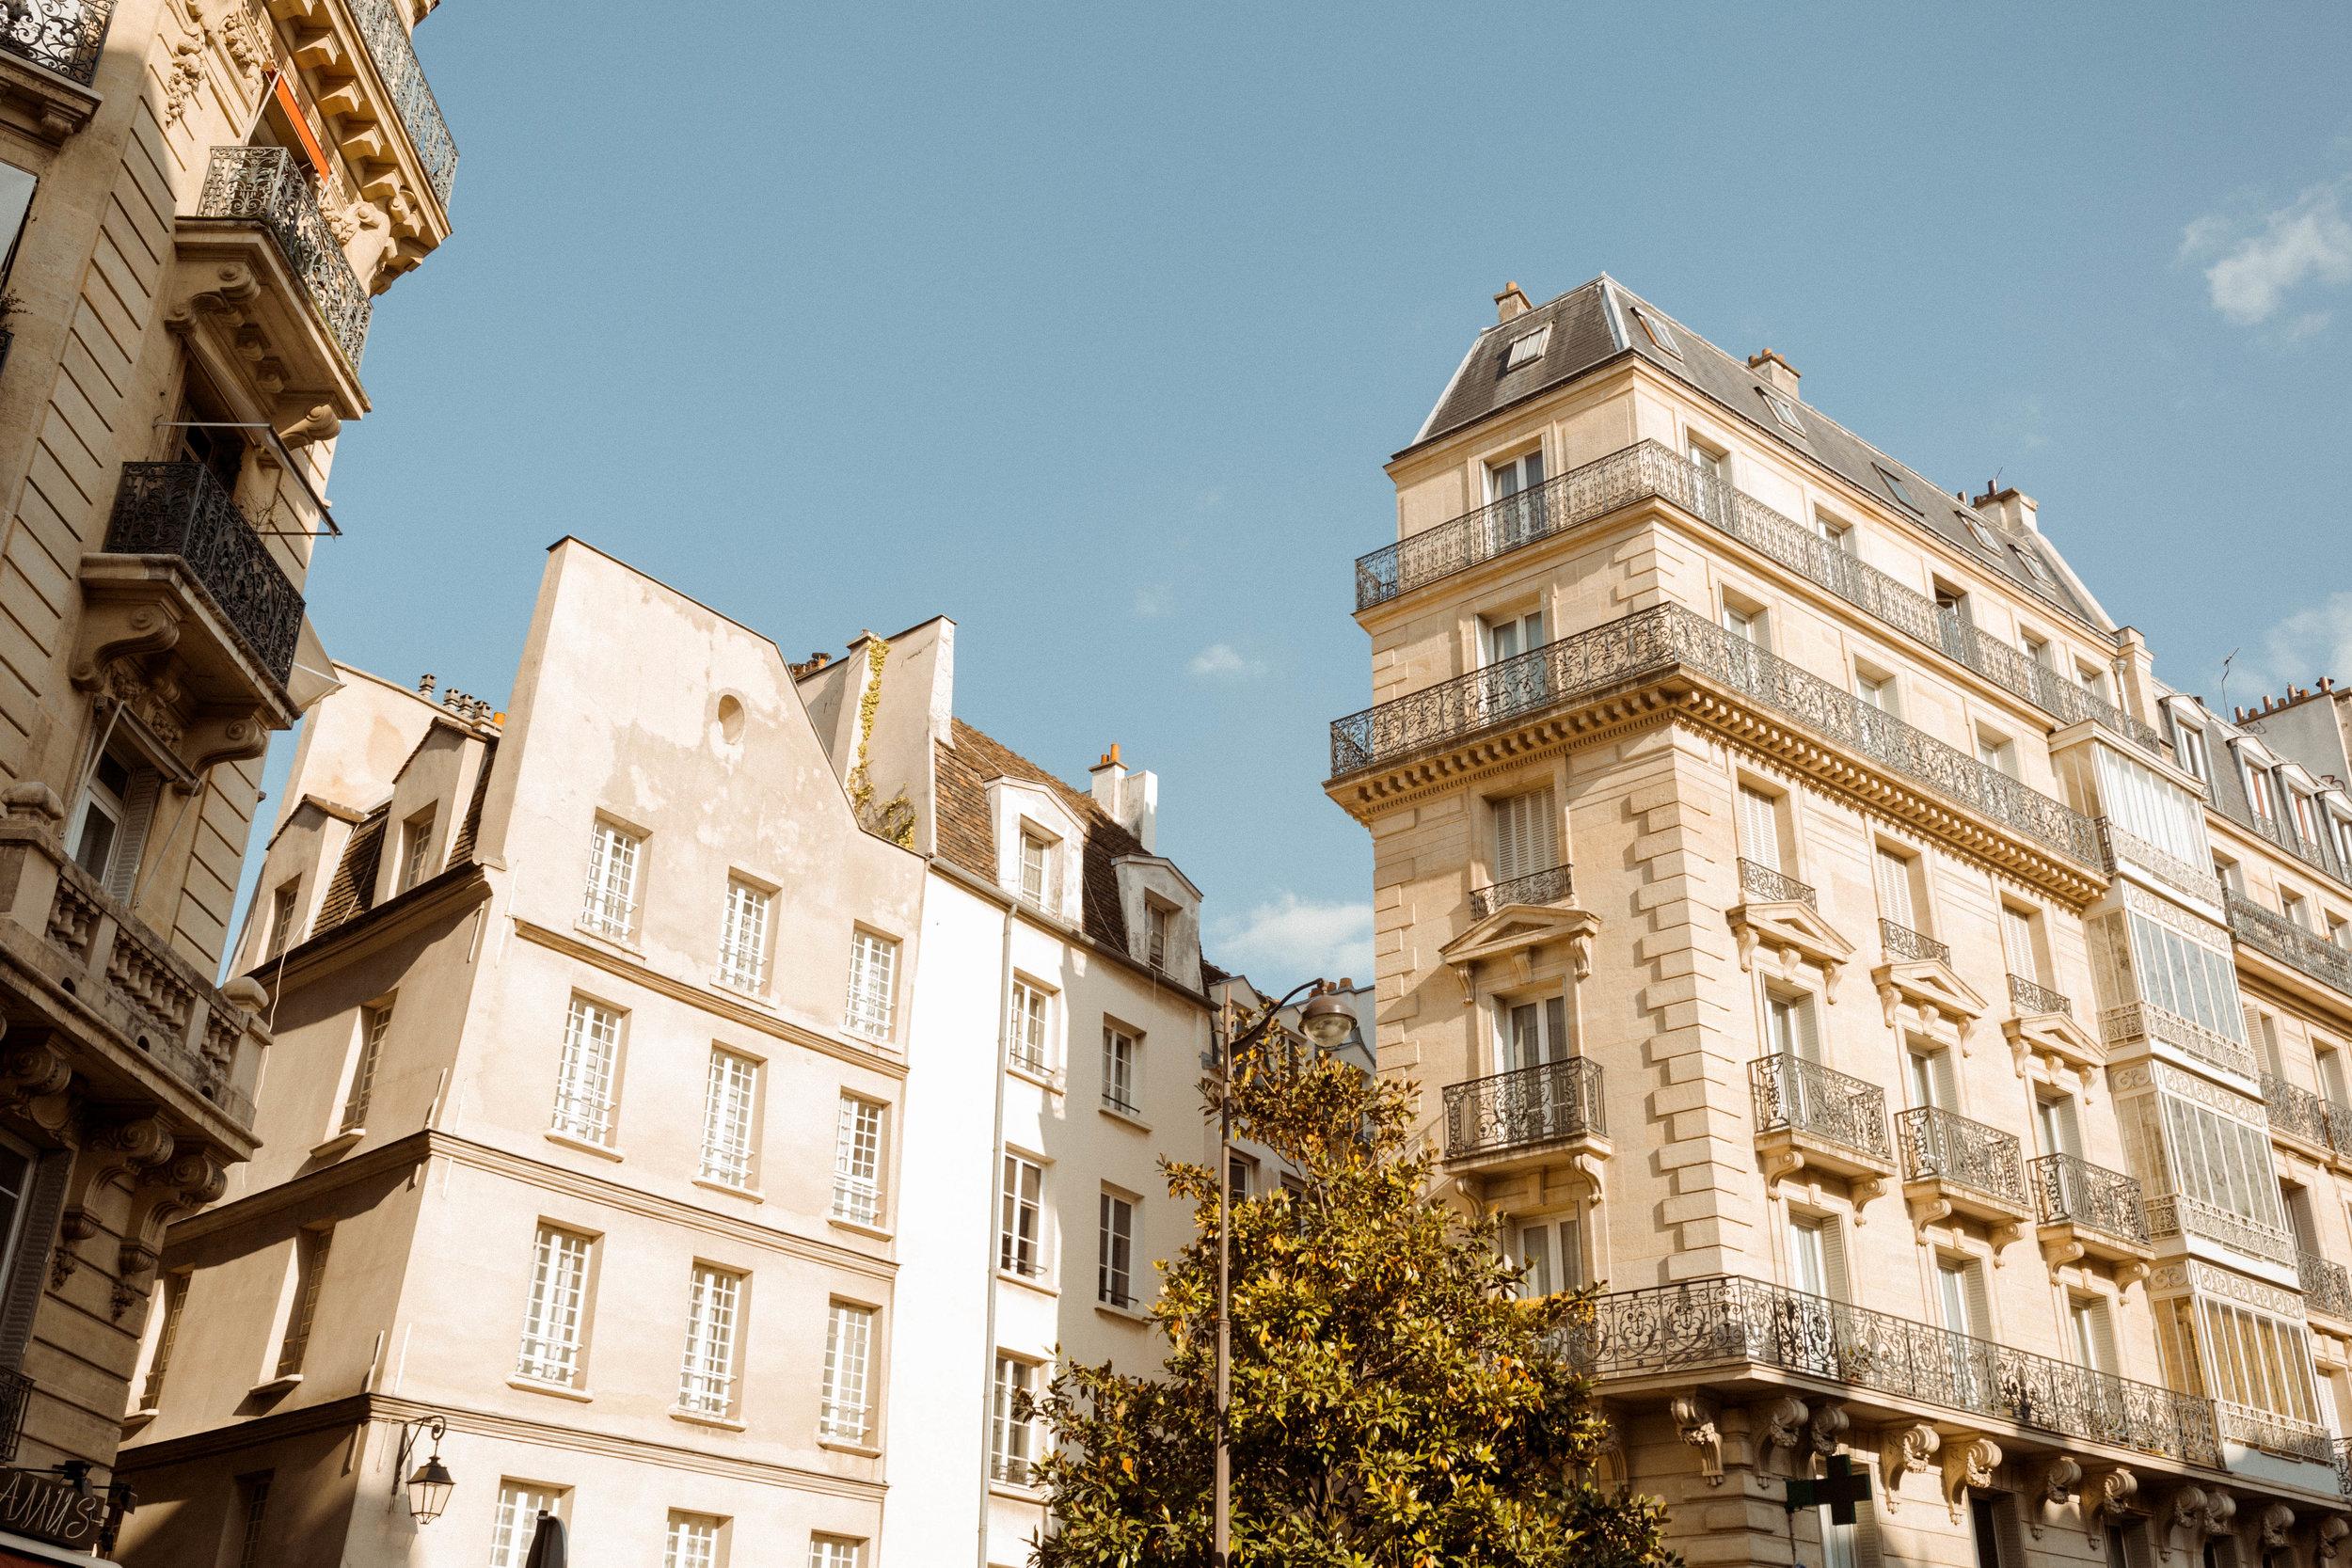 samlandreth-paris-arch-3.jpg